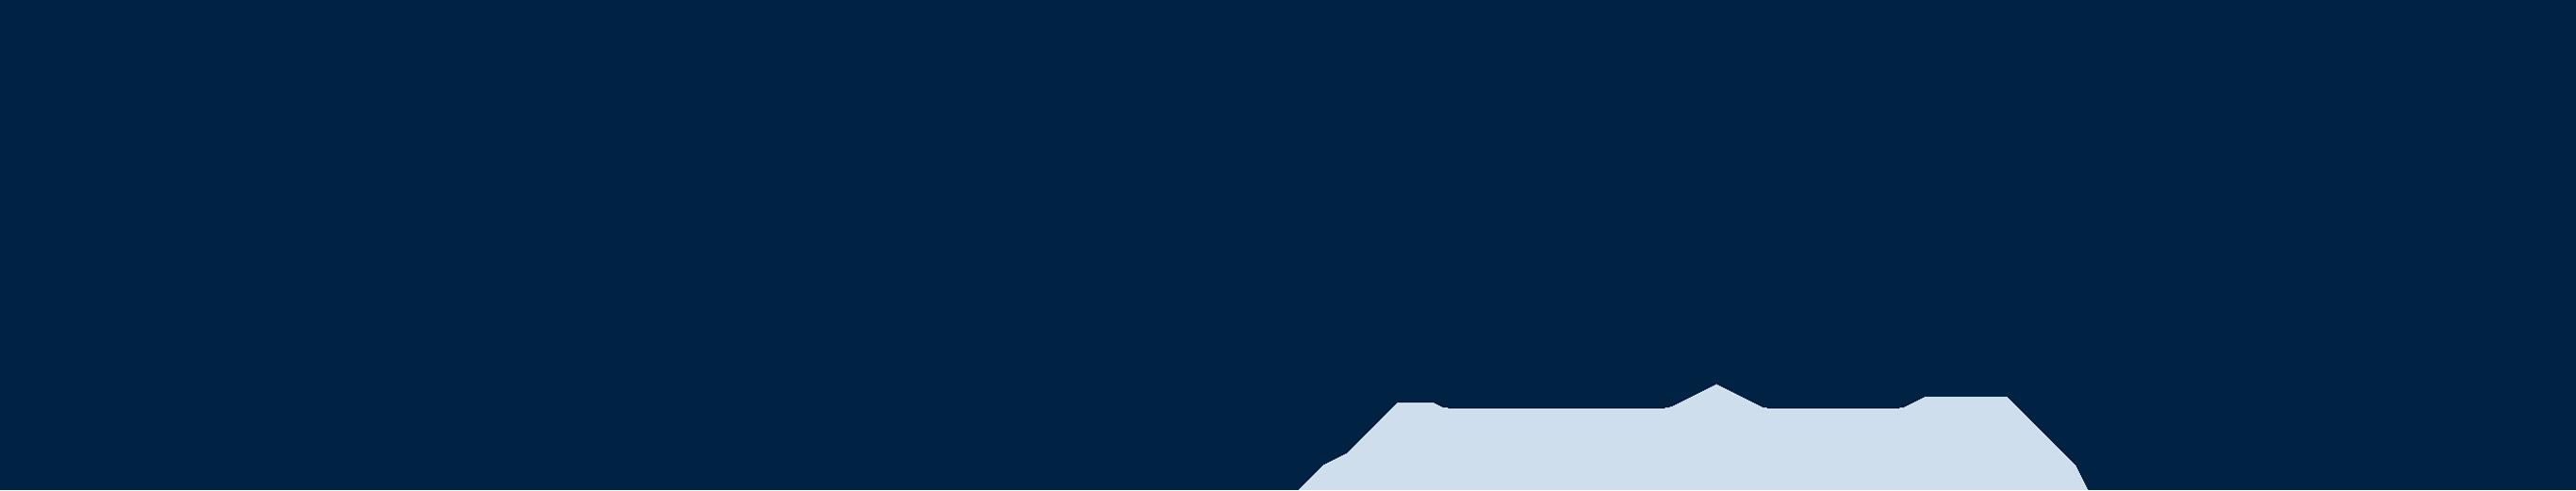 Atelier21 Co.